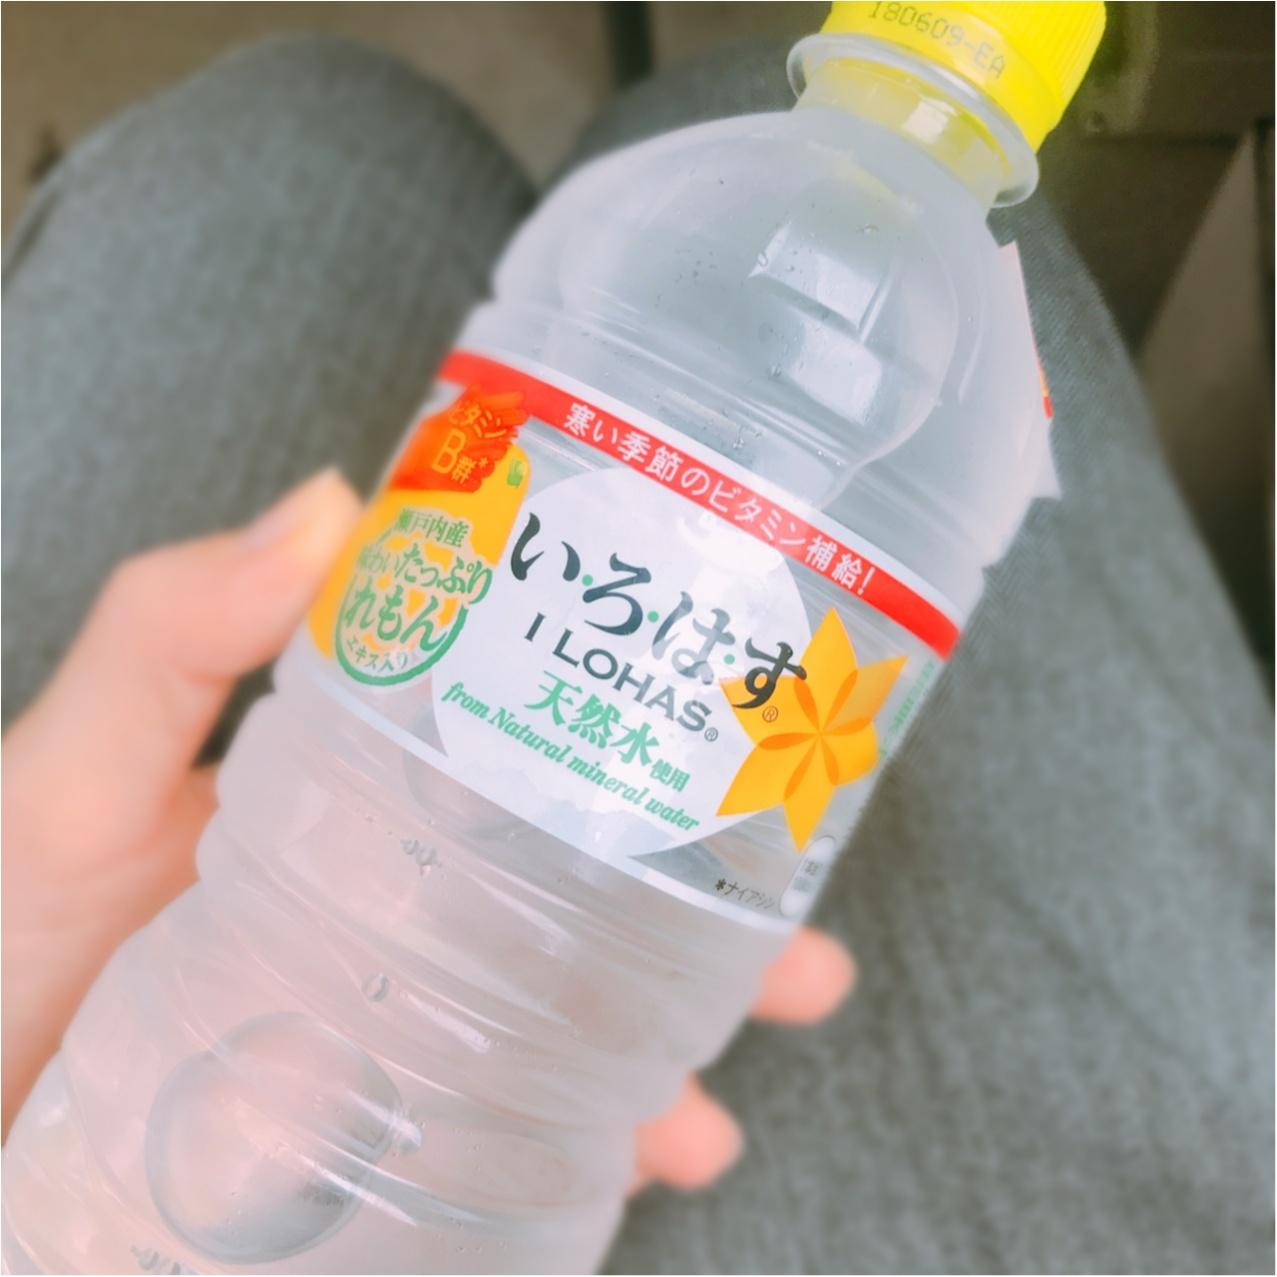 寒い季節のビタミン補給!冬季限定【いろはす たっぷりれもん】でおいしく乾燥対策♡_1